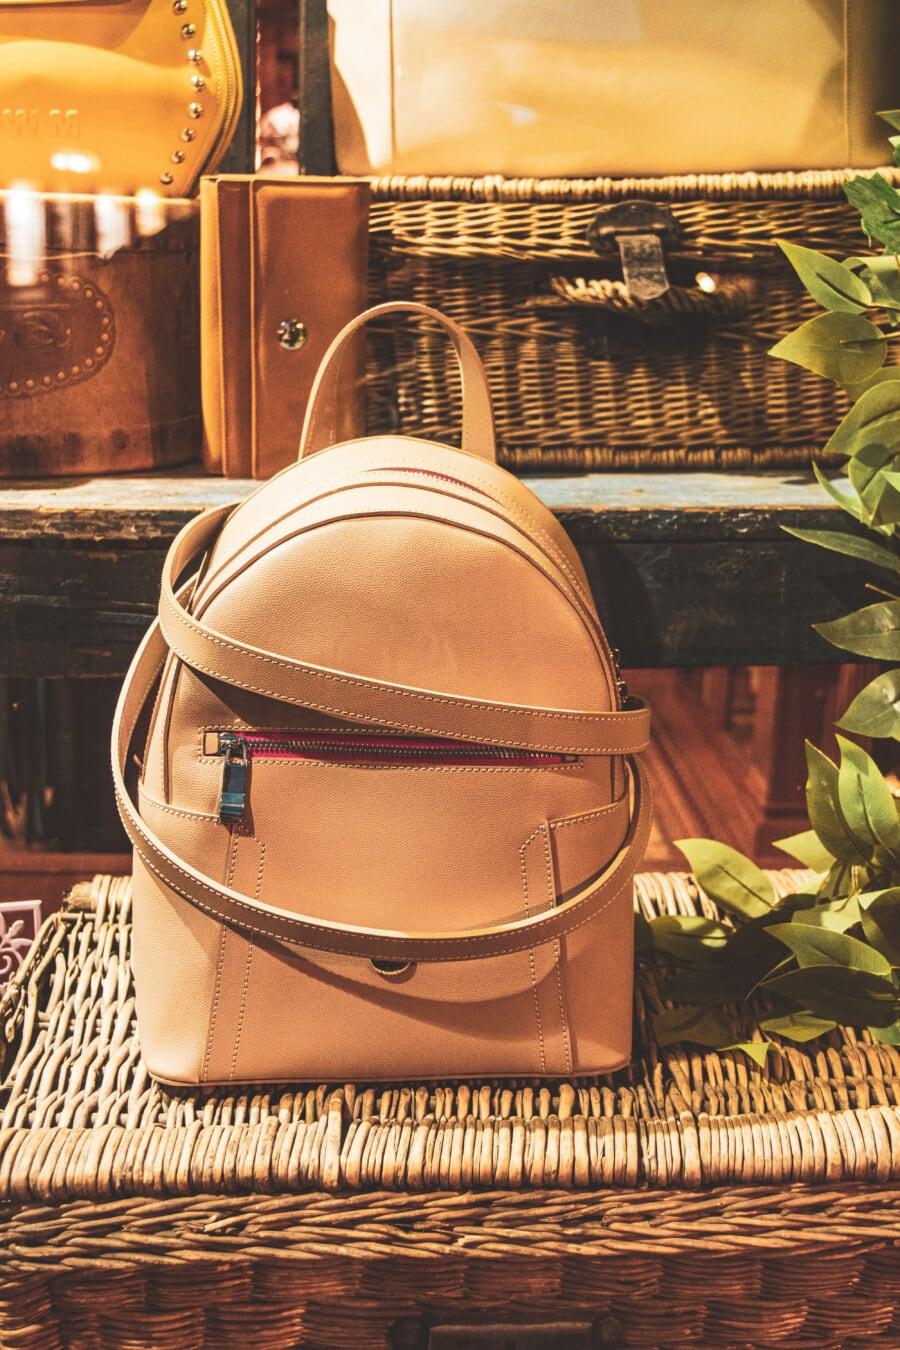 Leder, Handtasche, hellbraun, Weidenkorb, Altmodisch, Jahrgang, Shop, Korb, Mode, Holz